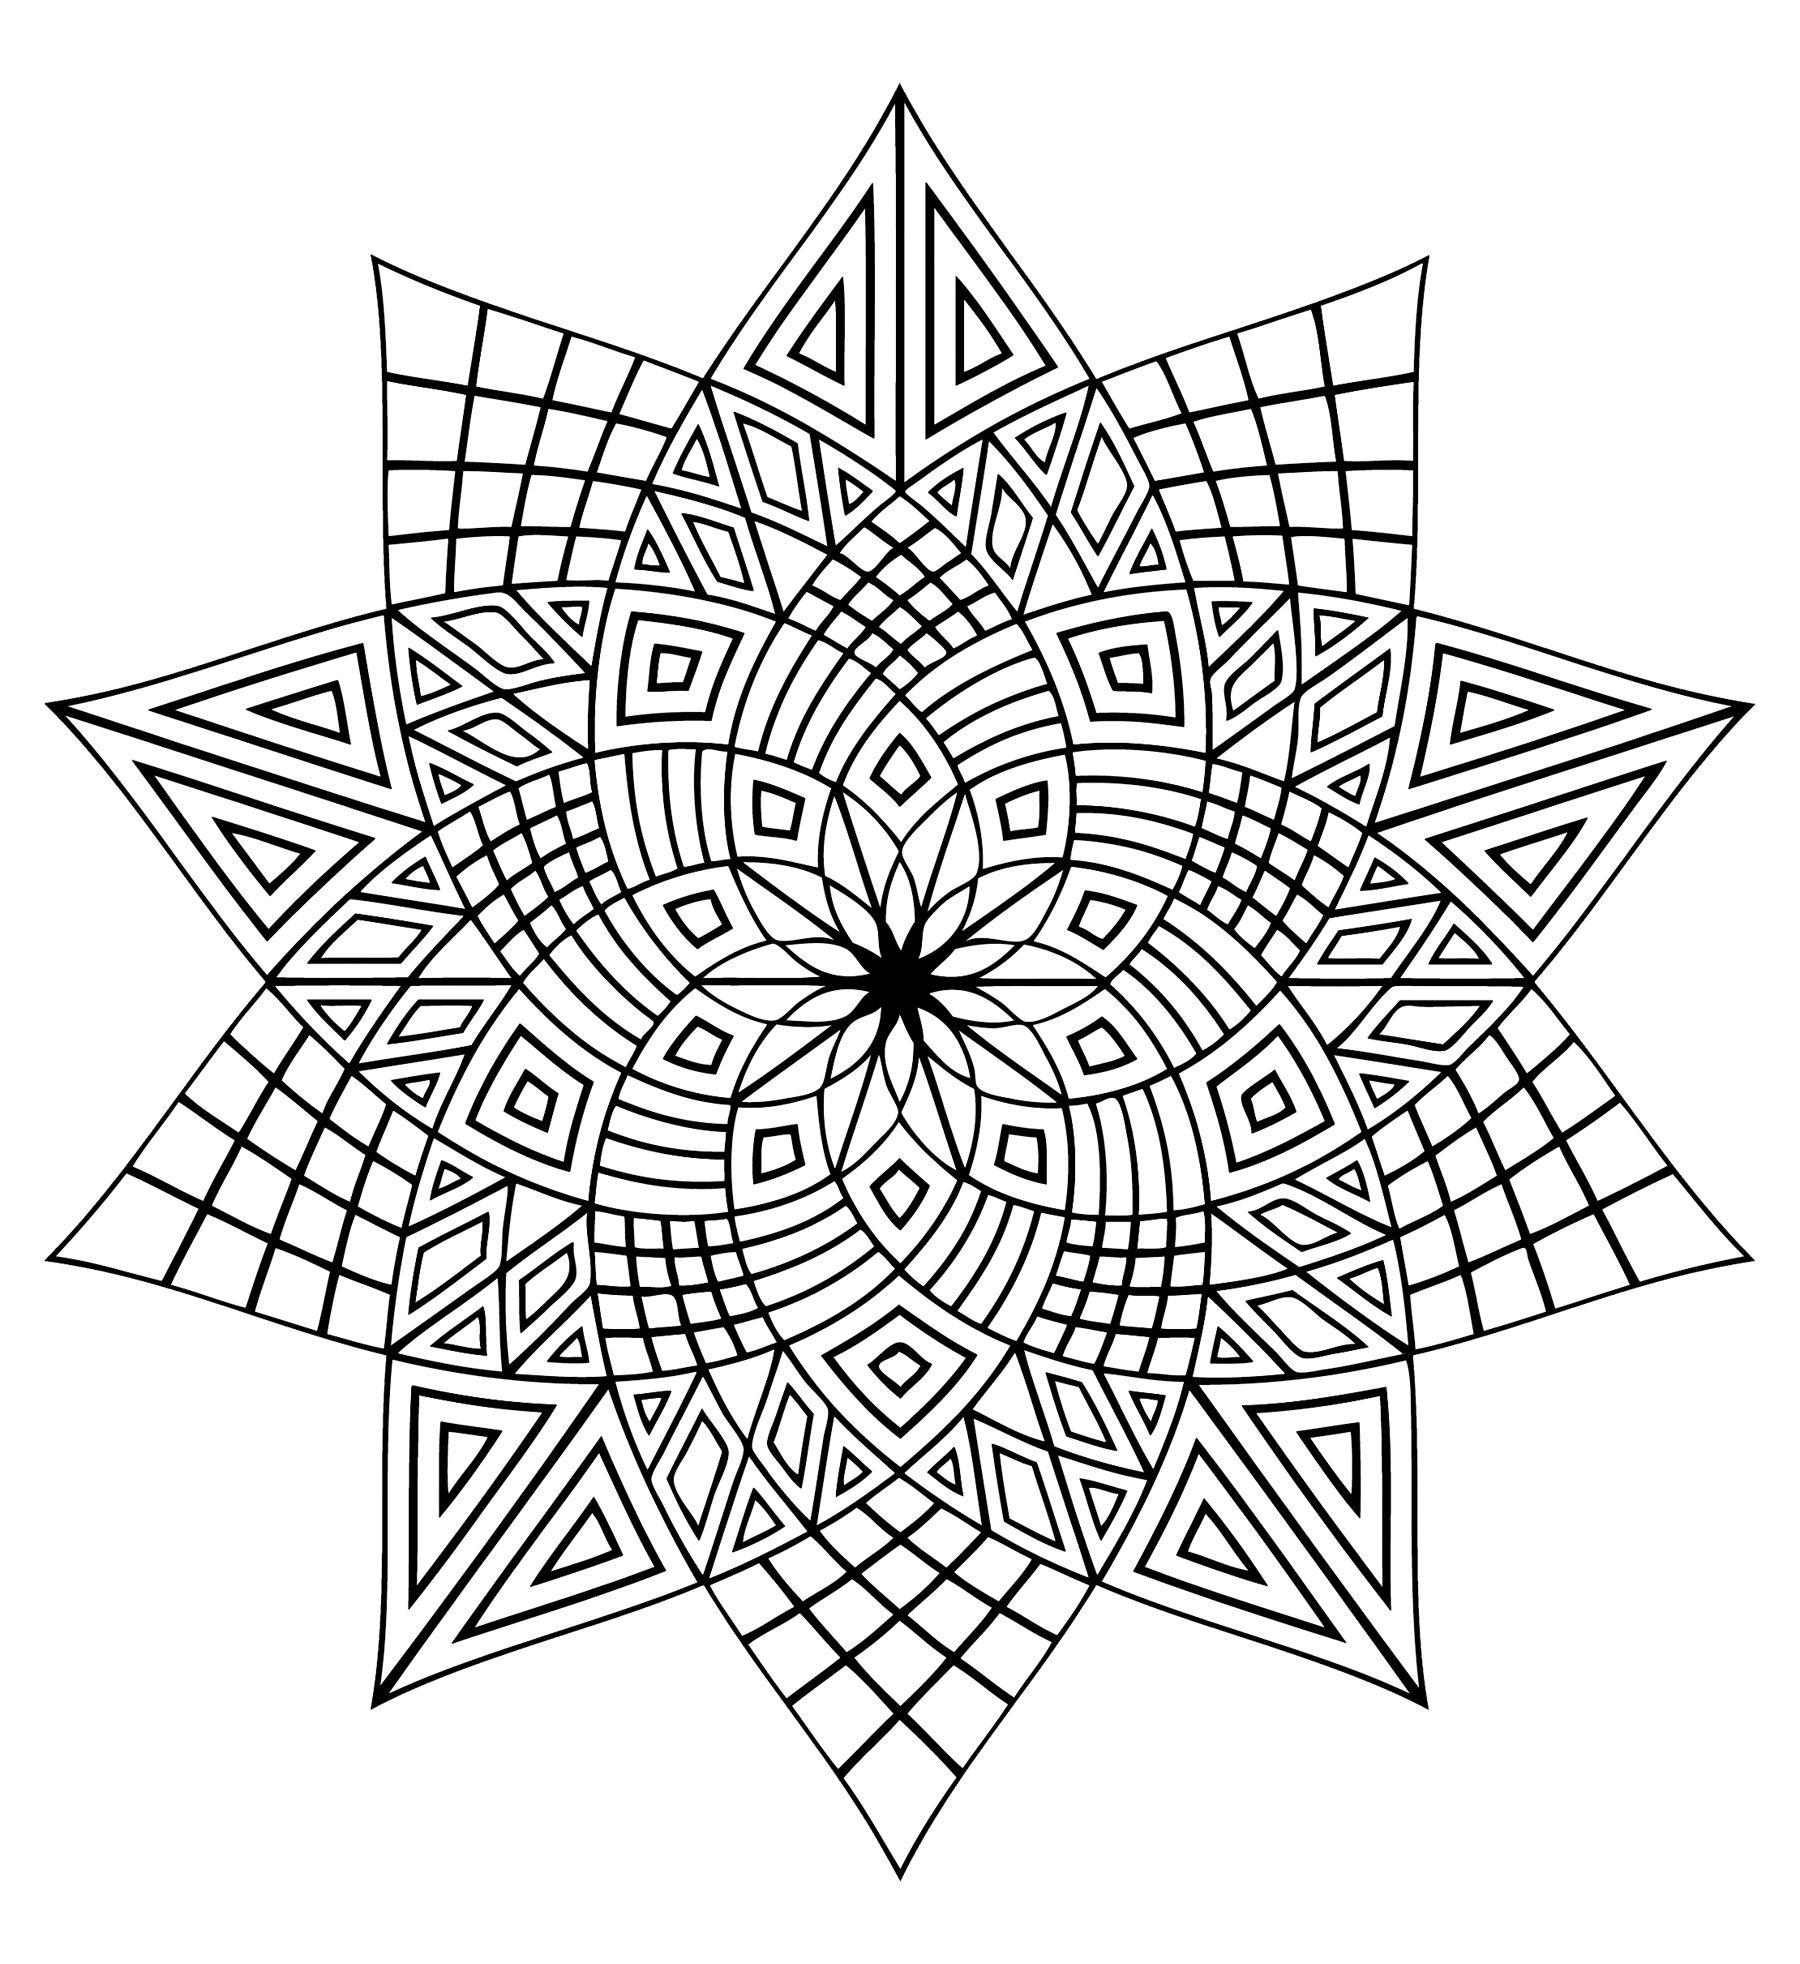 Pour Imprimer Ce Coloriage Gratuit «Coloriage-Mandala concernant Coloriage De Mandala Difficile A Imprimer